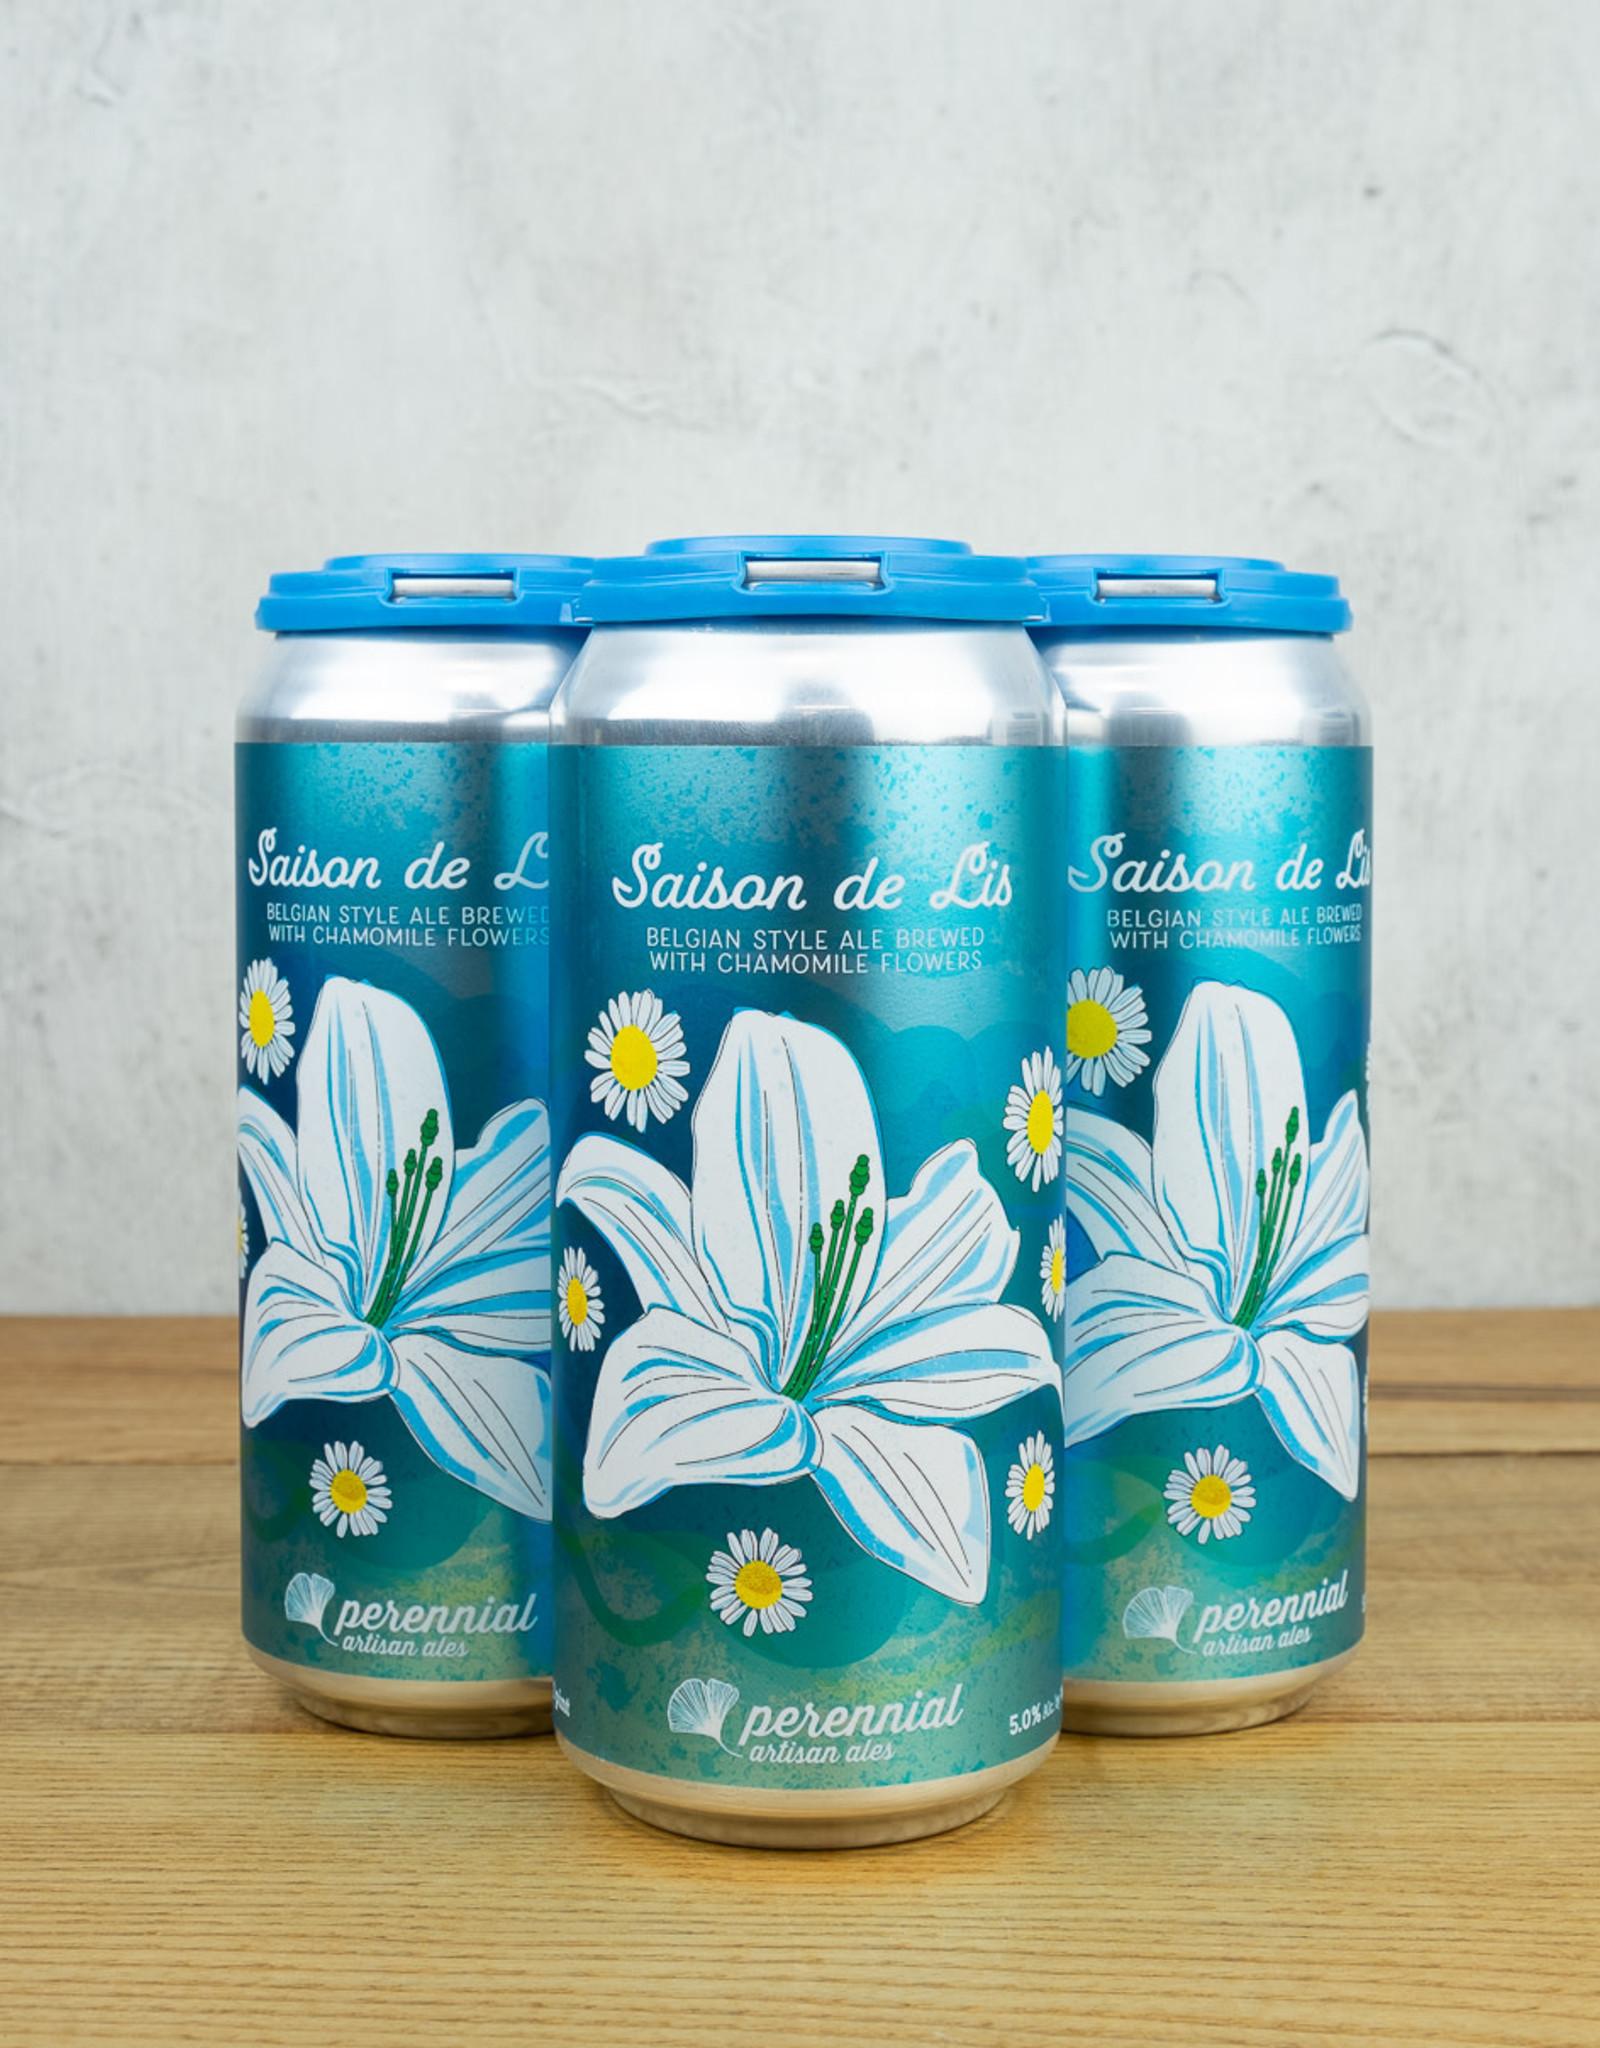 Perennial Saison de Lis 4pk cans